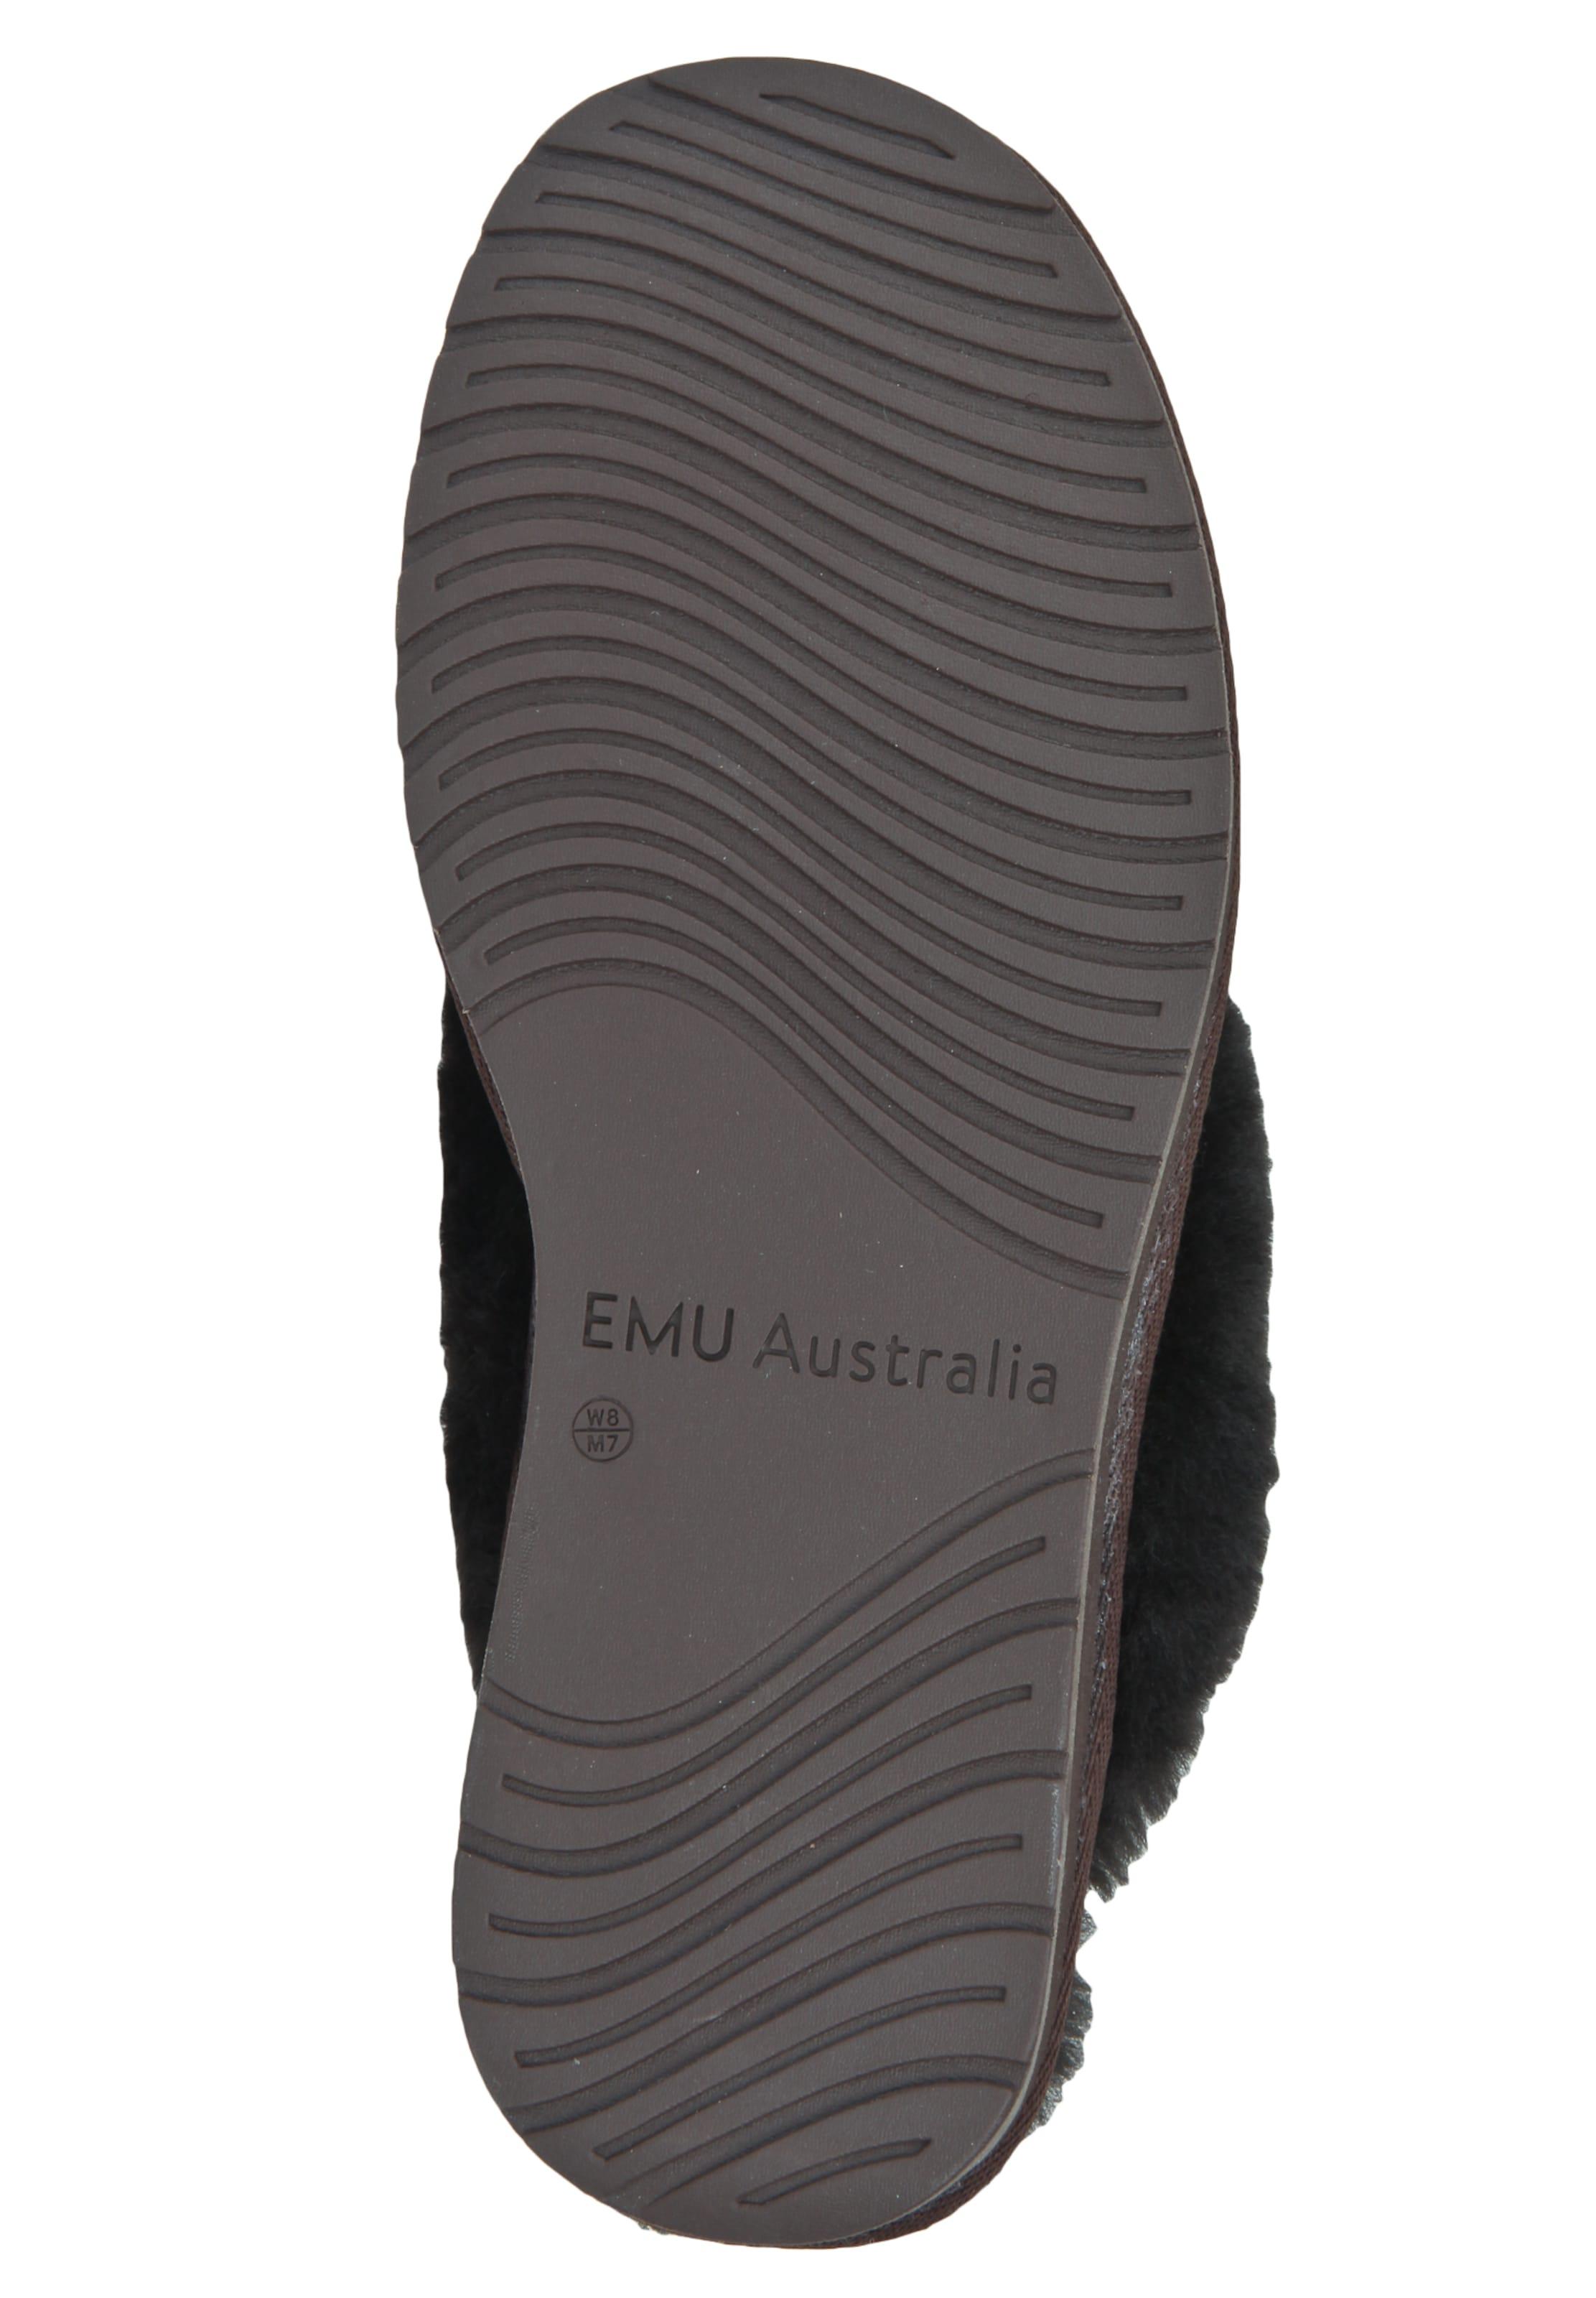 Hausschuh Emu Hausschuh Australia In Australia Braun Emu In 80Nwmn